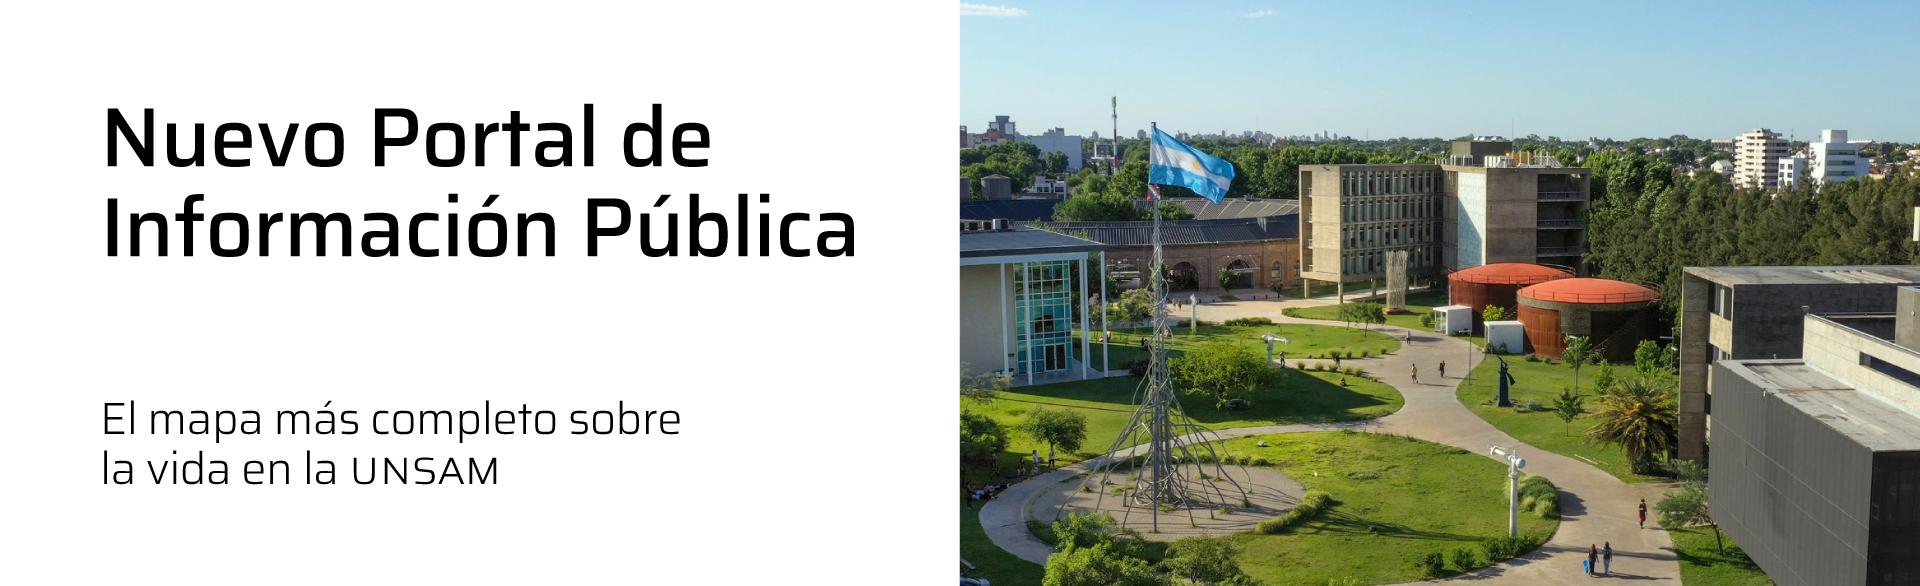 Portal de Información Pública